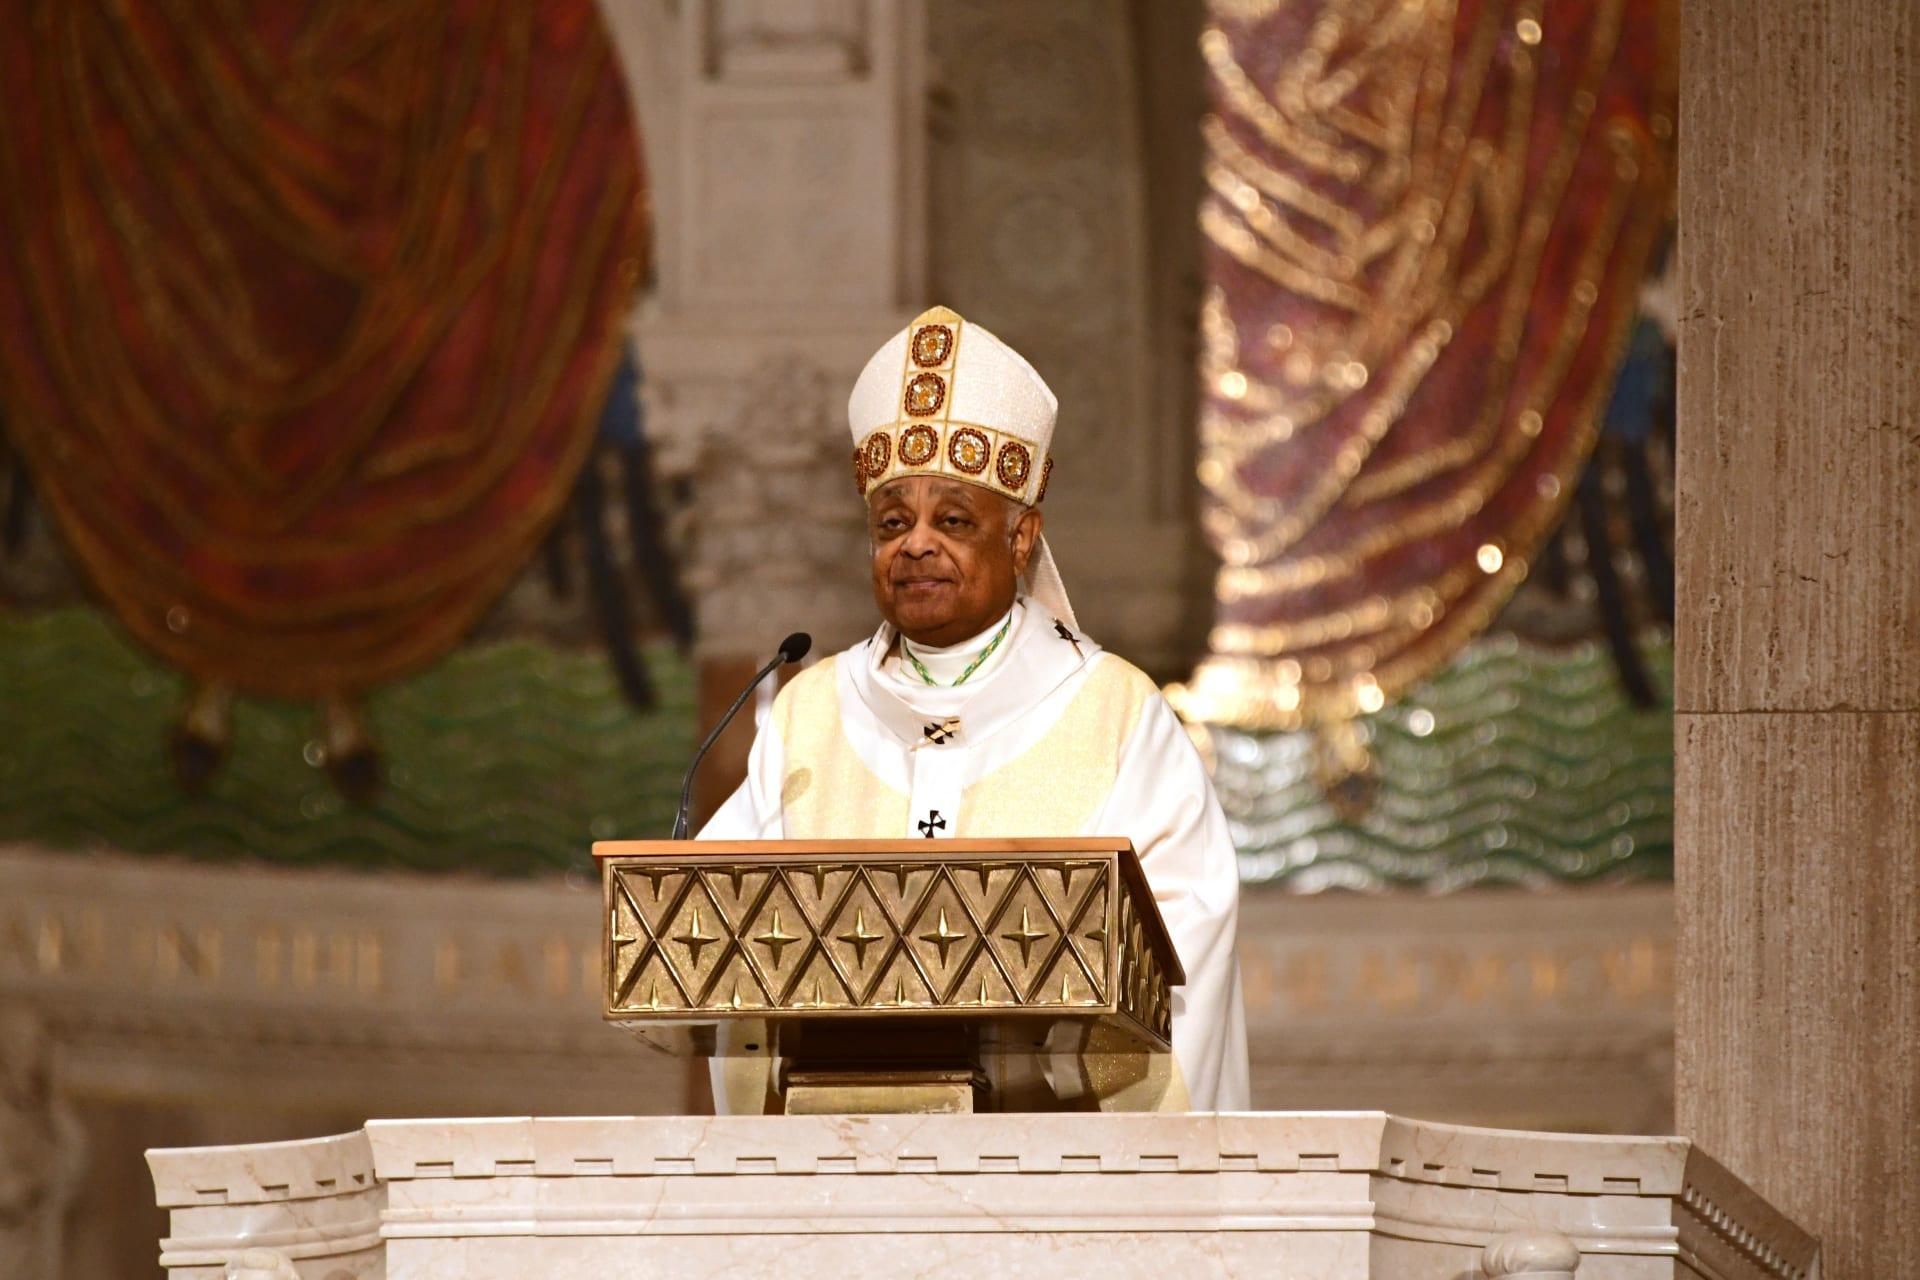 البابا فرانسيس يعين أول كاردينال أمريكي من أصل أفريقي في التاريخ الكاثوليكي